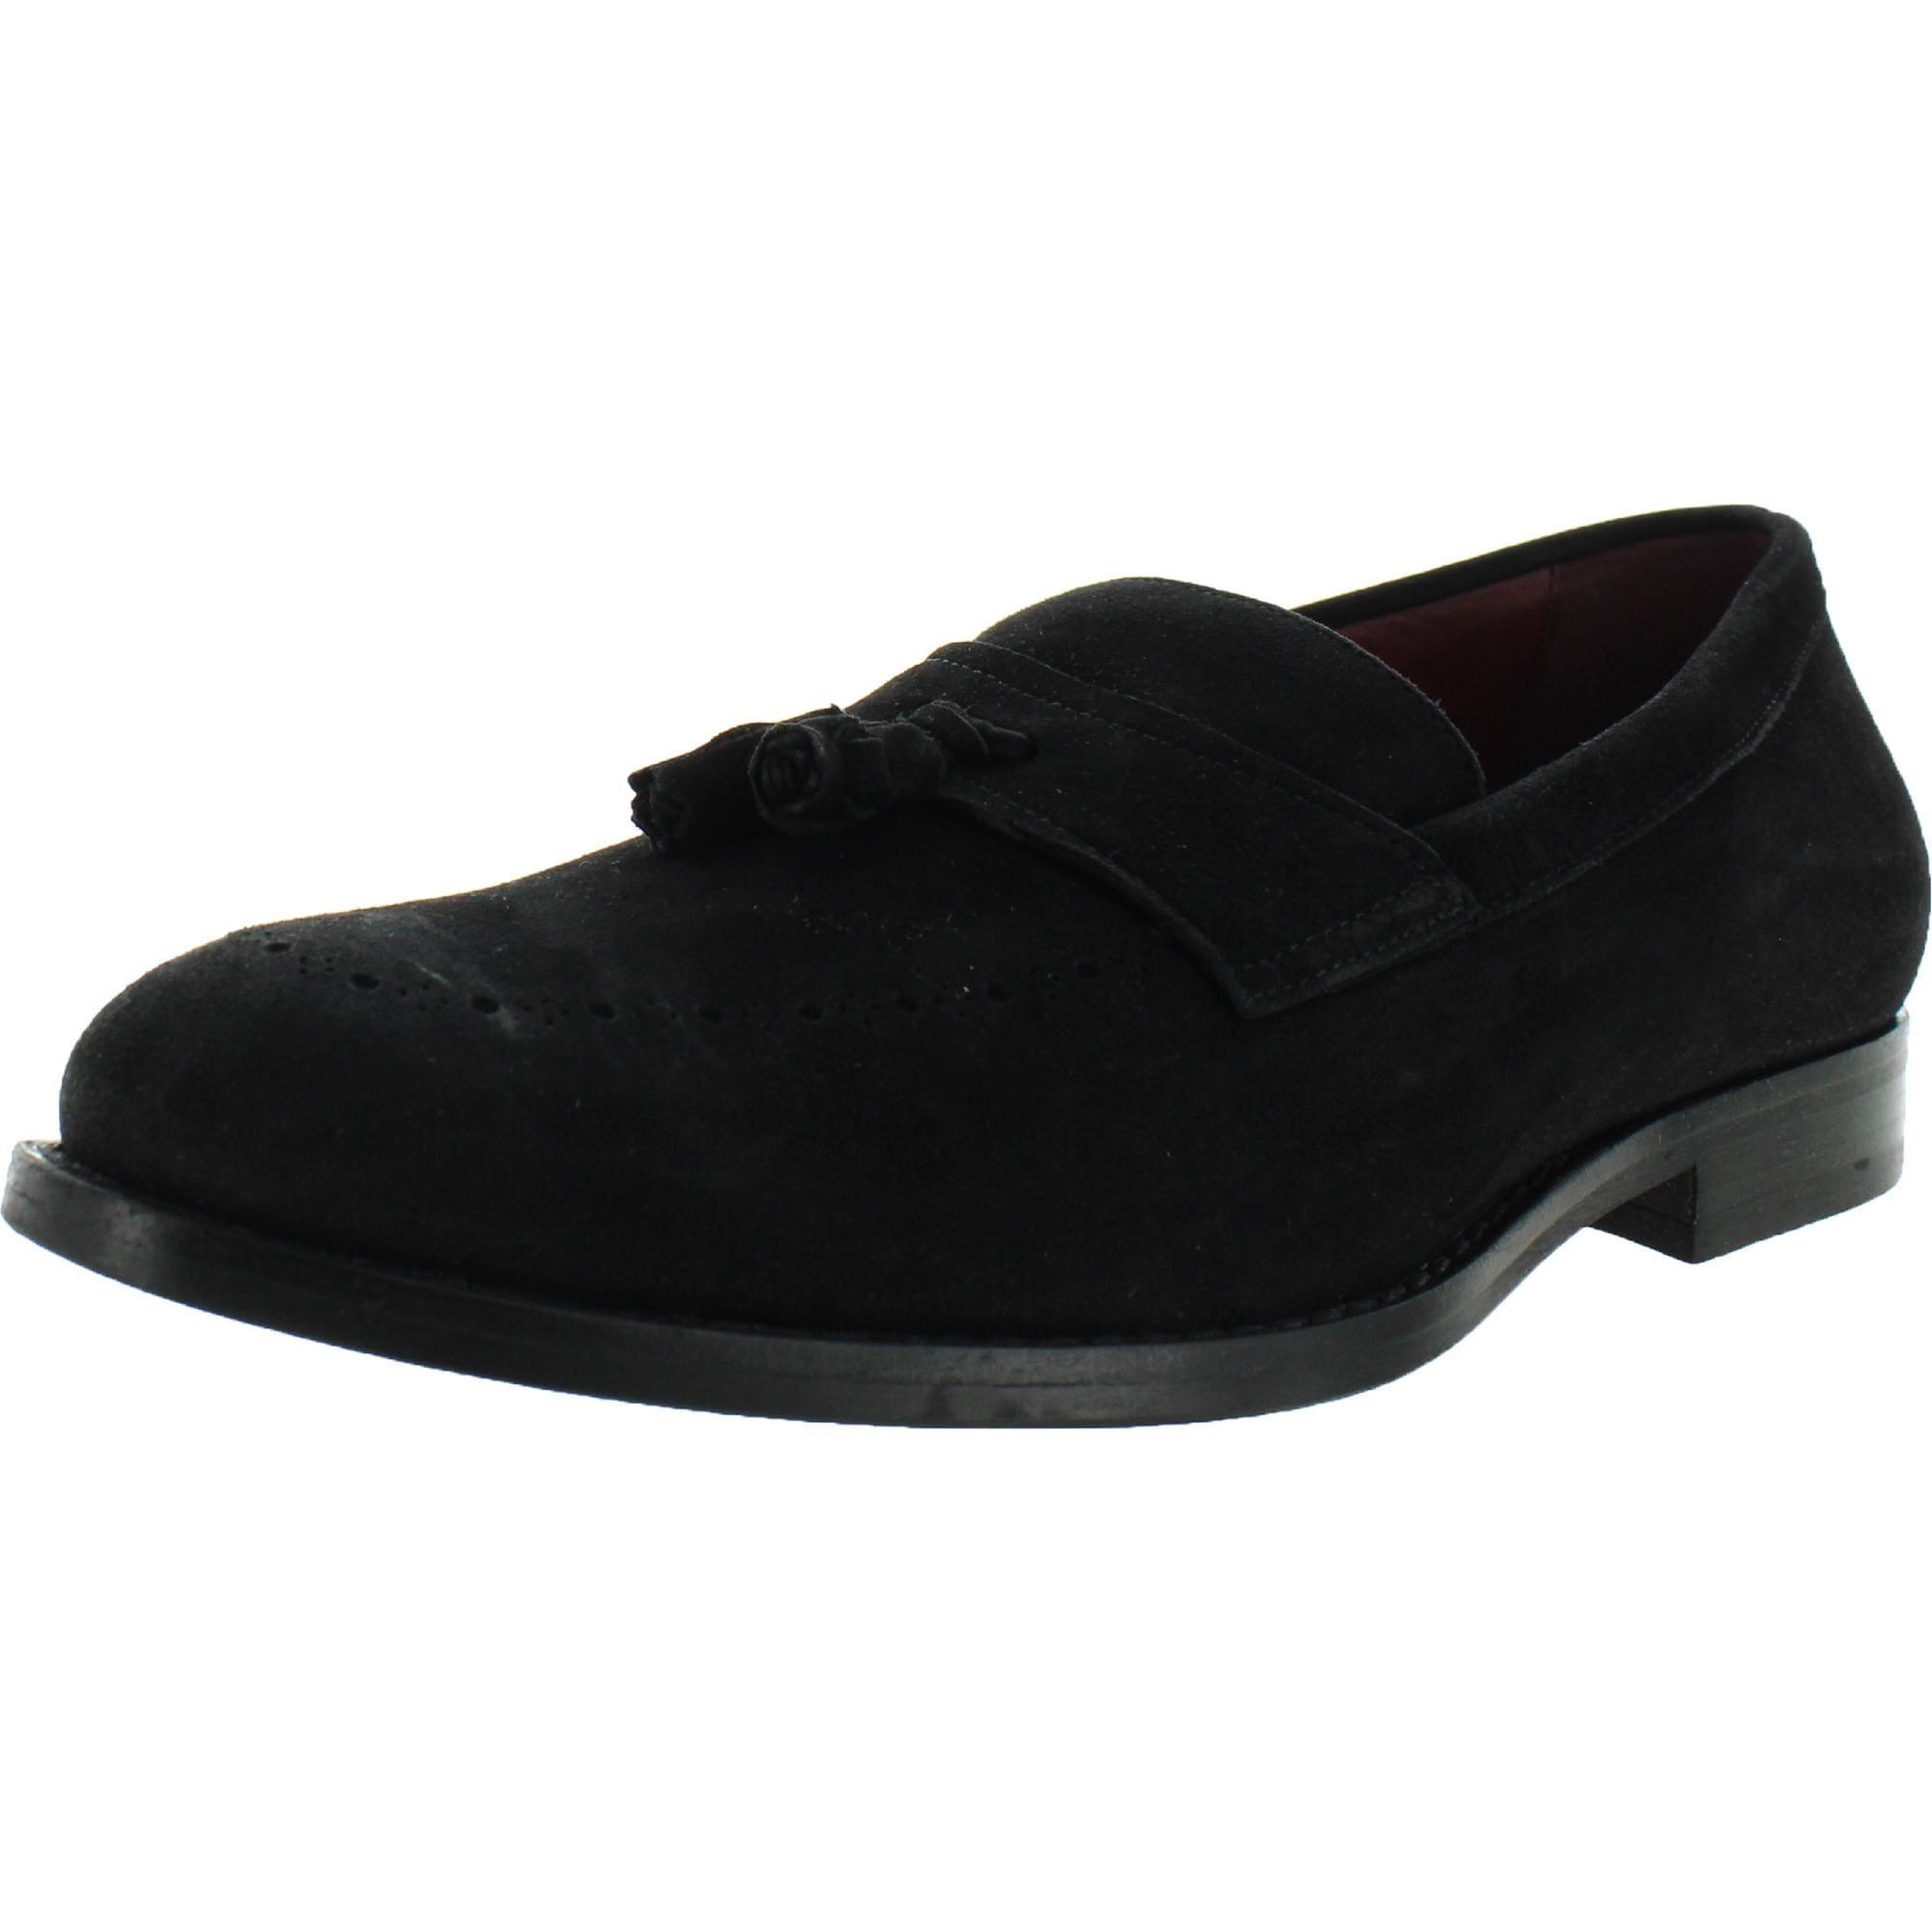 Migración Opaco su  Geox Respira Mens Hampstead Tassel Loafers Solid Slip On - Overstock -  32054002